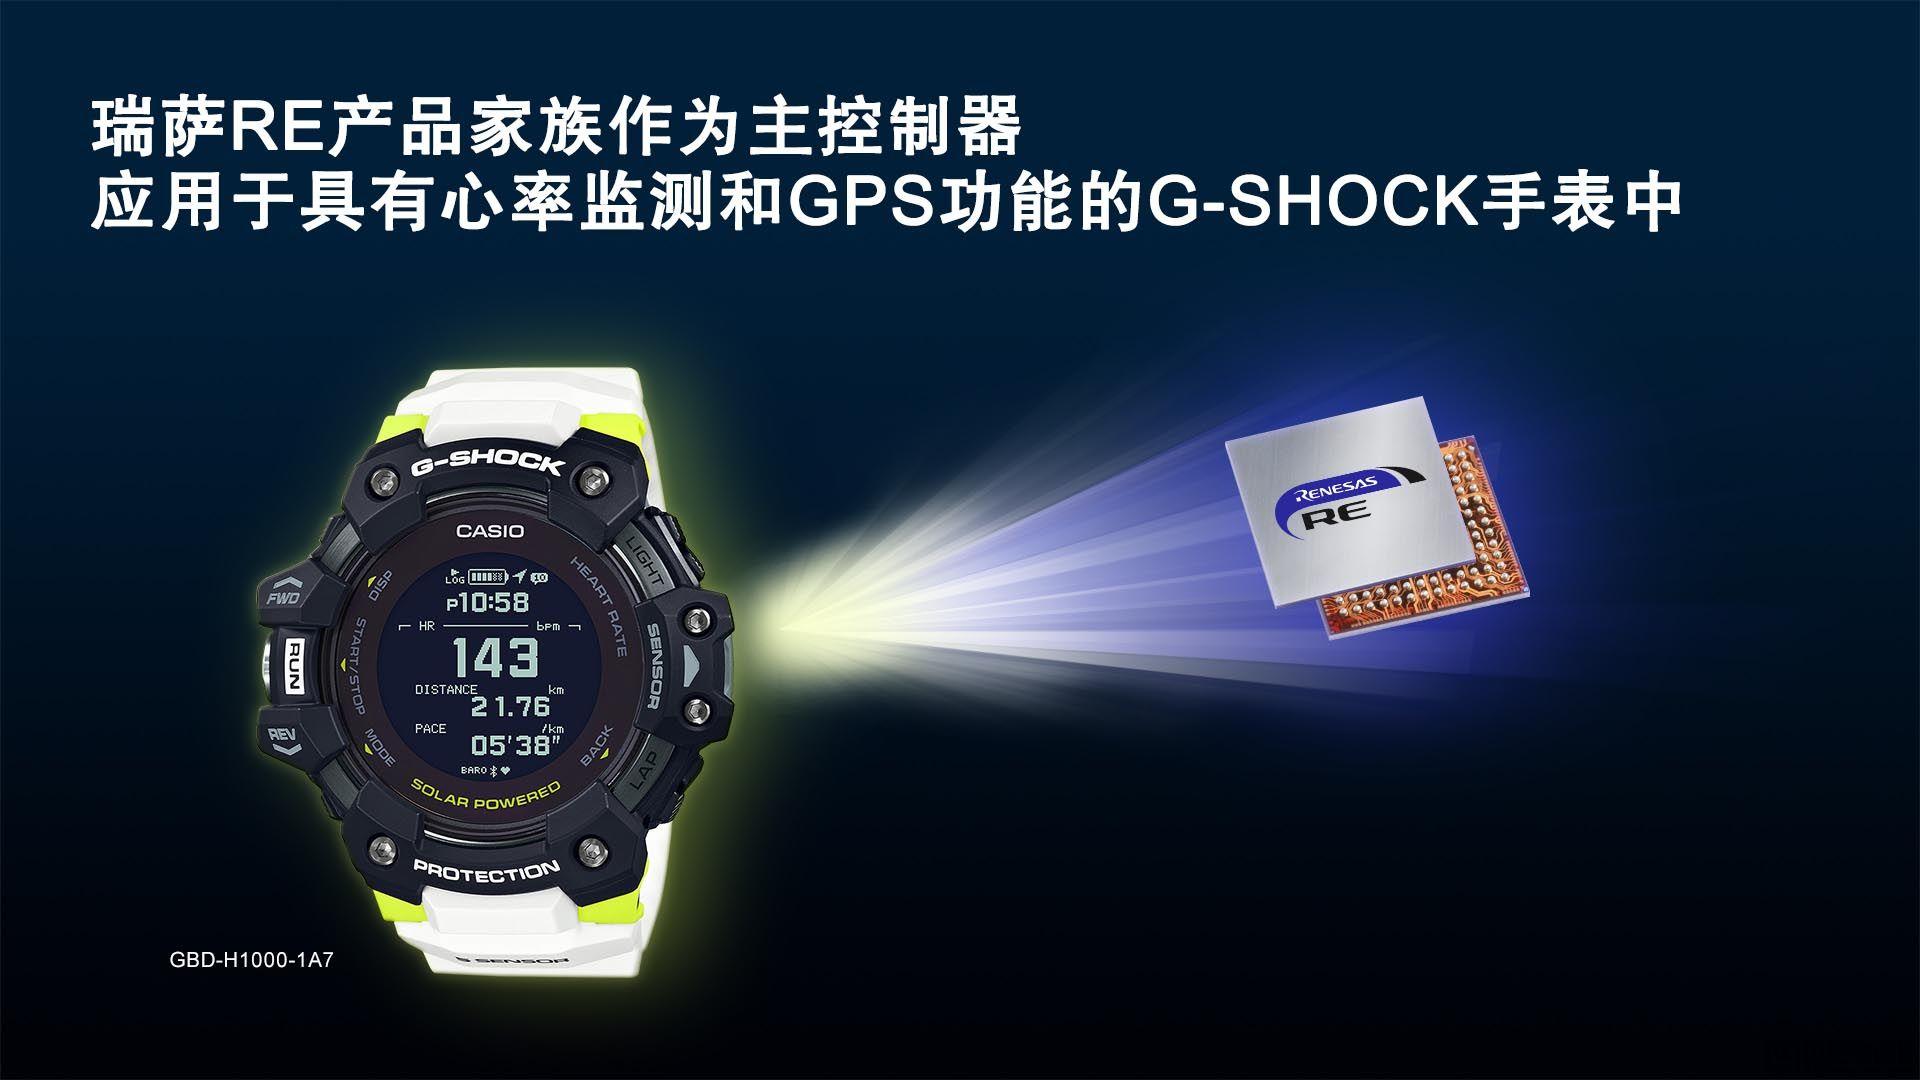 瑞萨 RE 产品家族作为主控制器应用于具有心率监测和 GPS 功能的 G-SHOCK 手表中